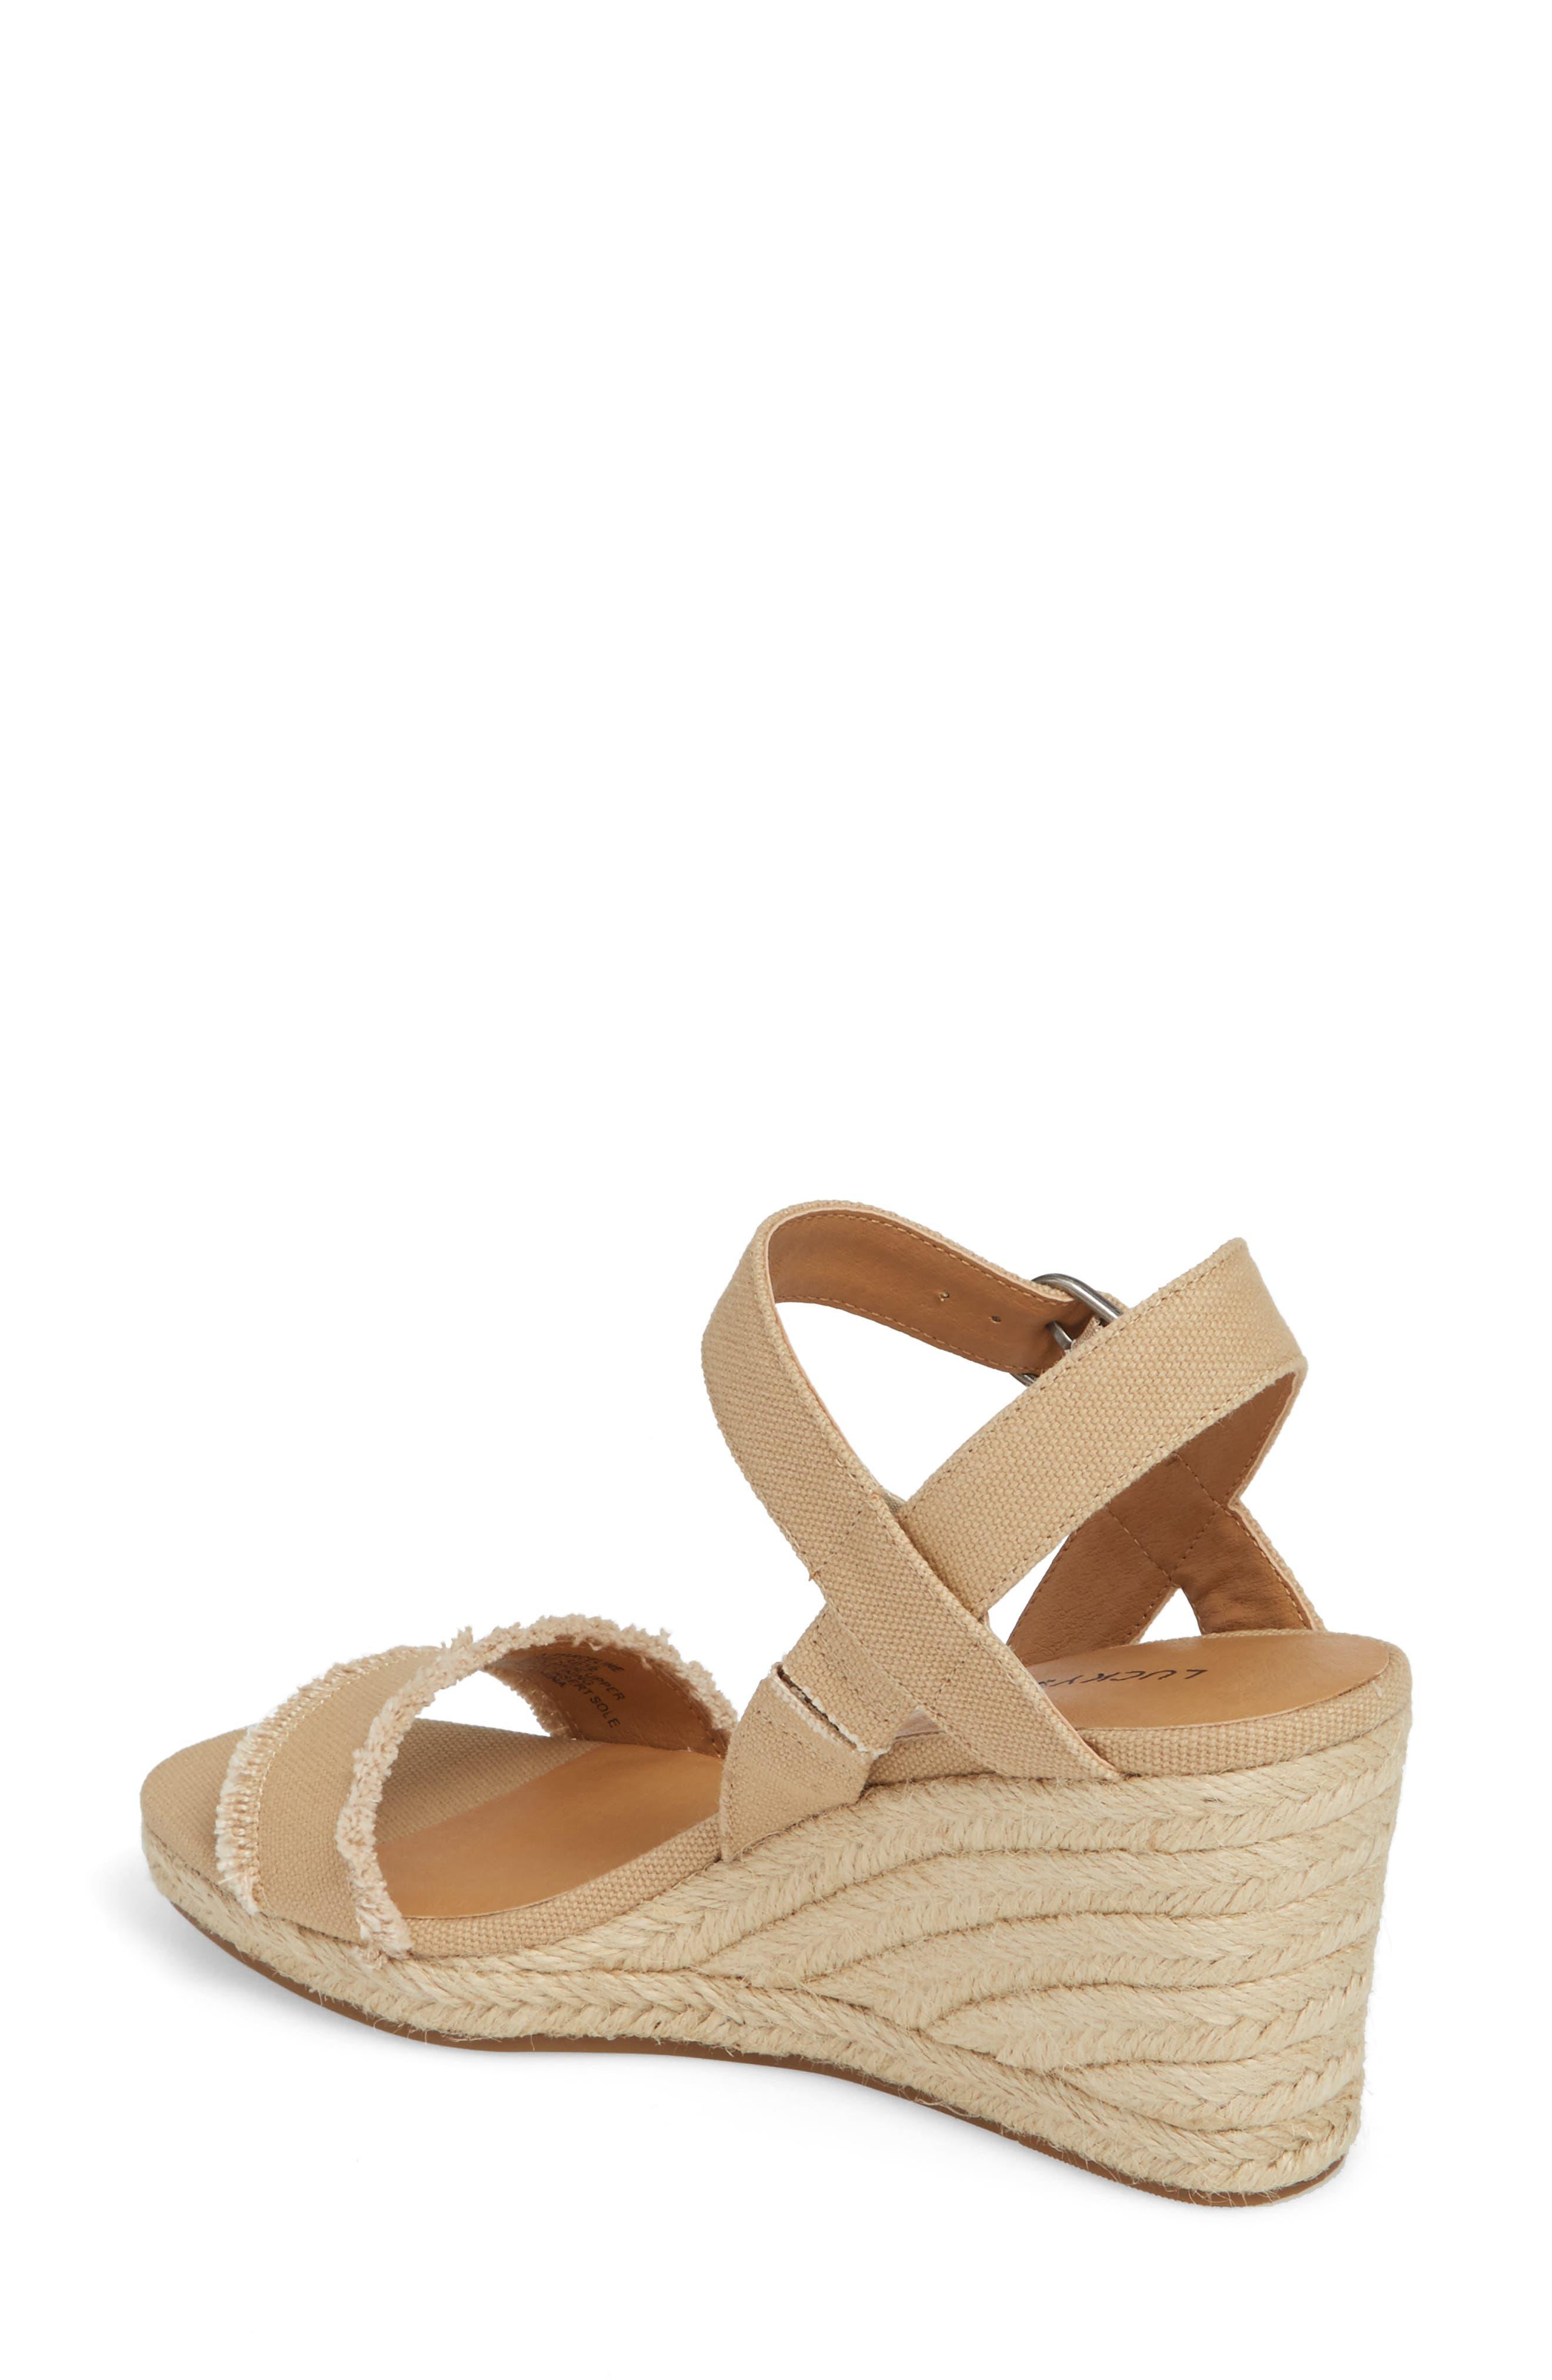 Marceline Squared Toe Wedge Sandal,                             Alternate thumbnail 10, color,